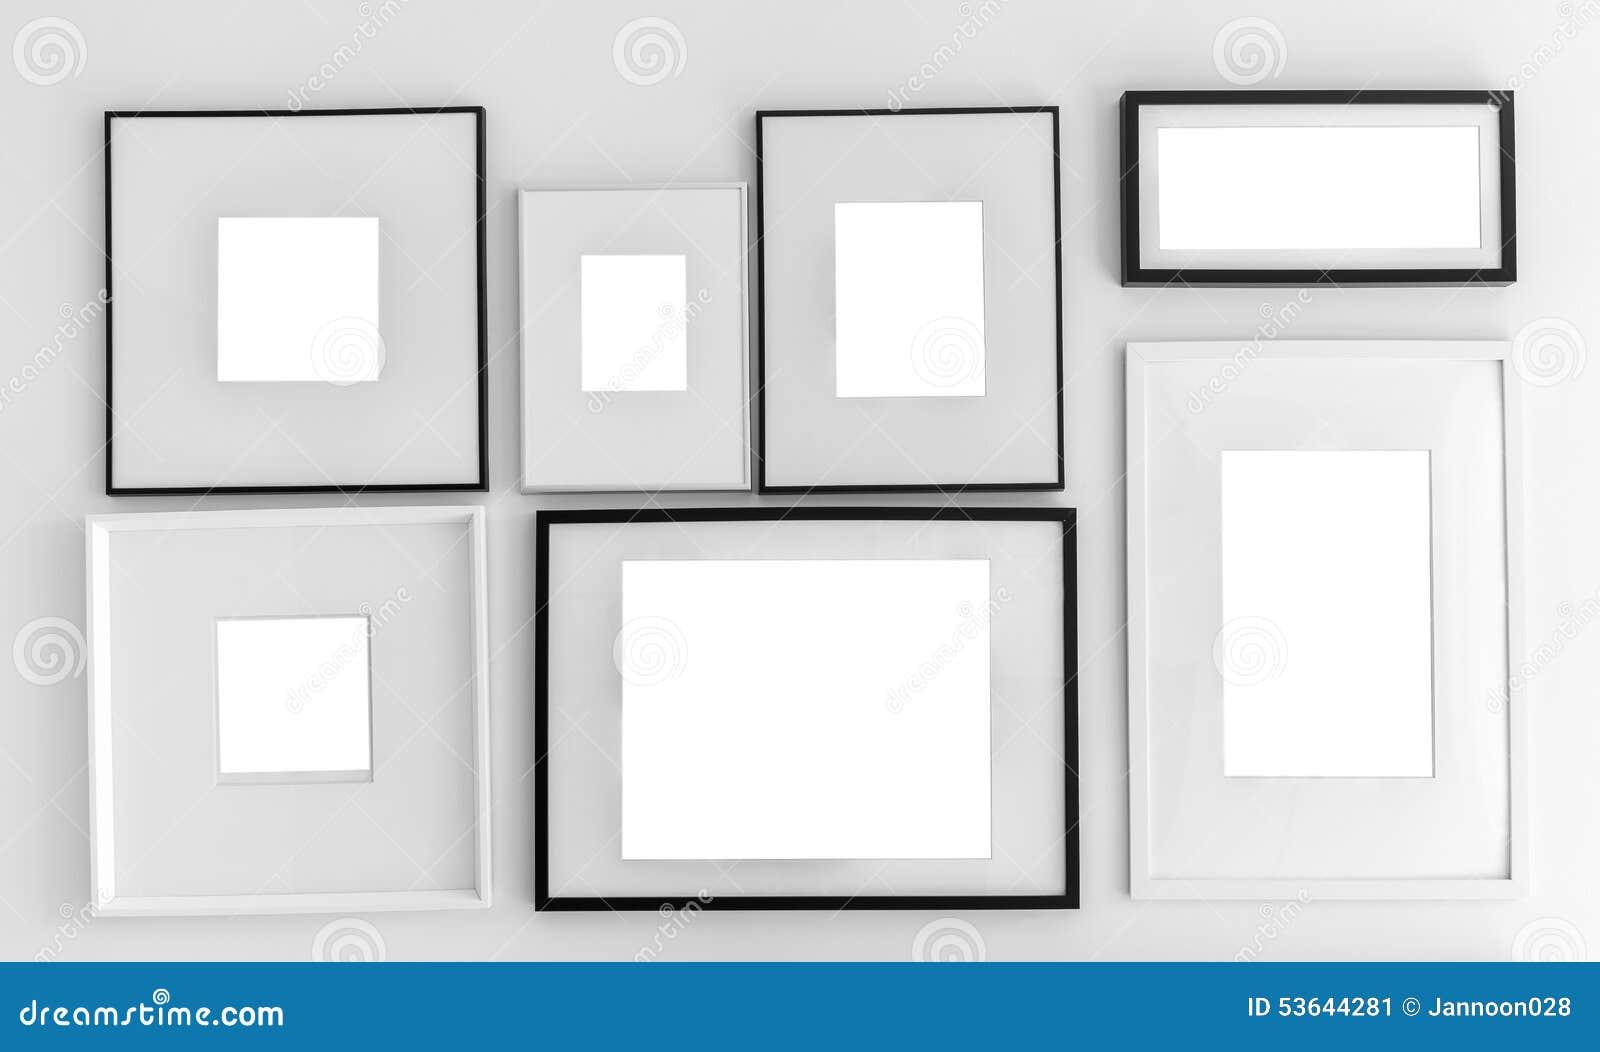 Único Plantilla De Galería De Pared De Foto Imagen - Ejemplo De ...